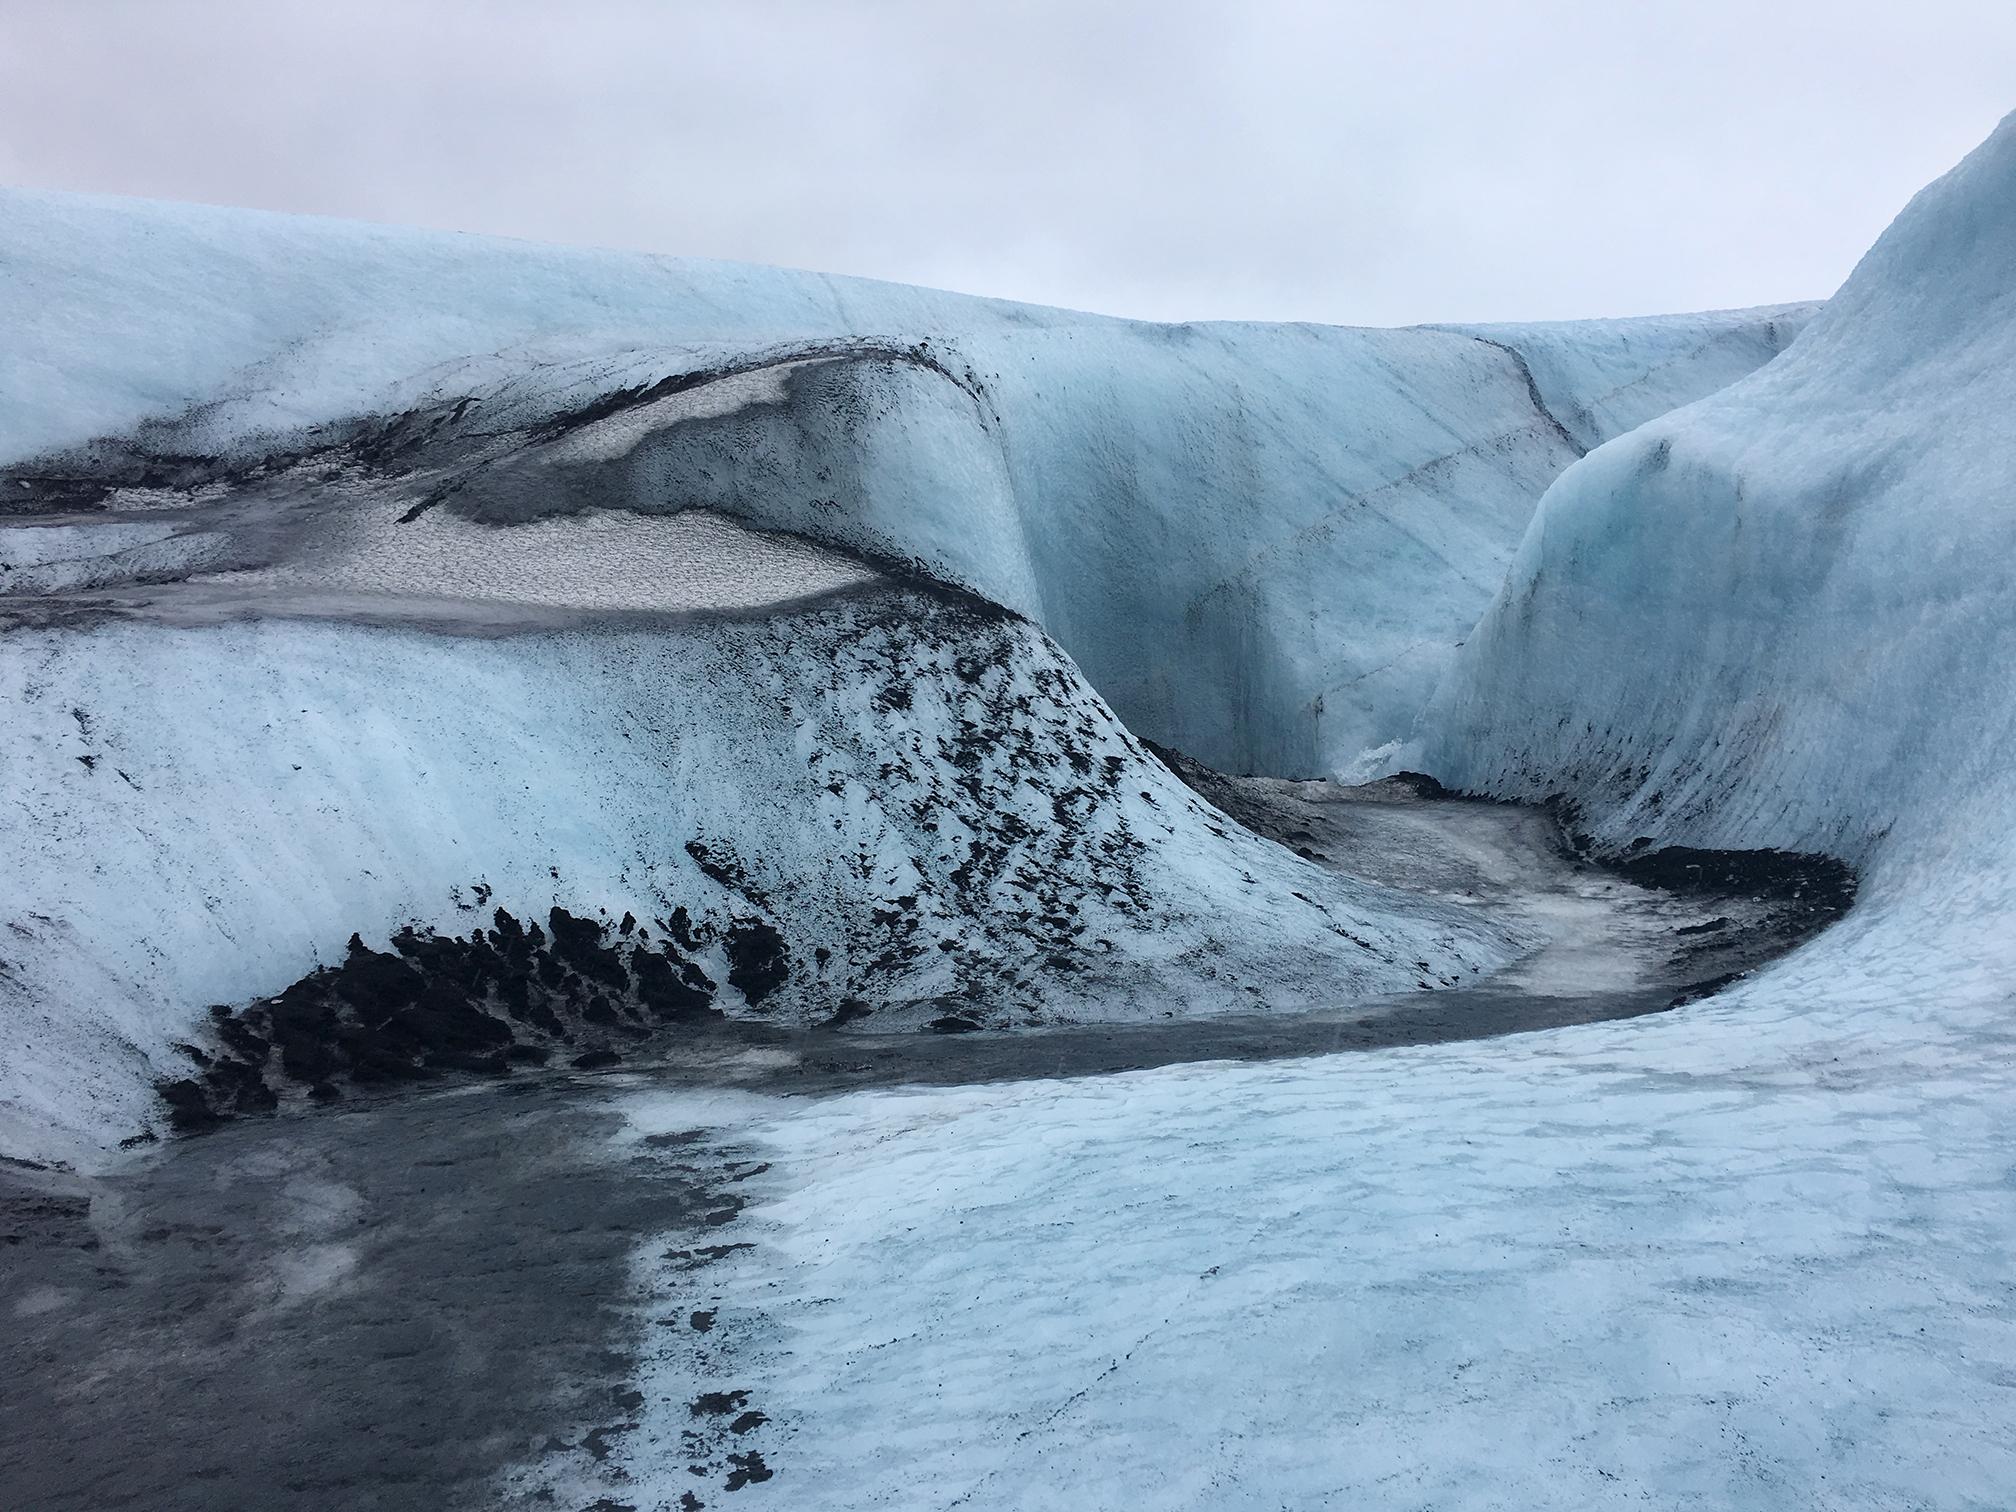 Sólheimajökull, Iceland